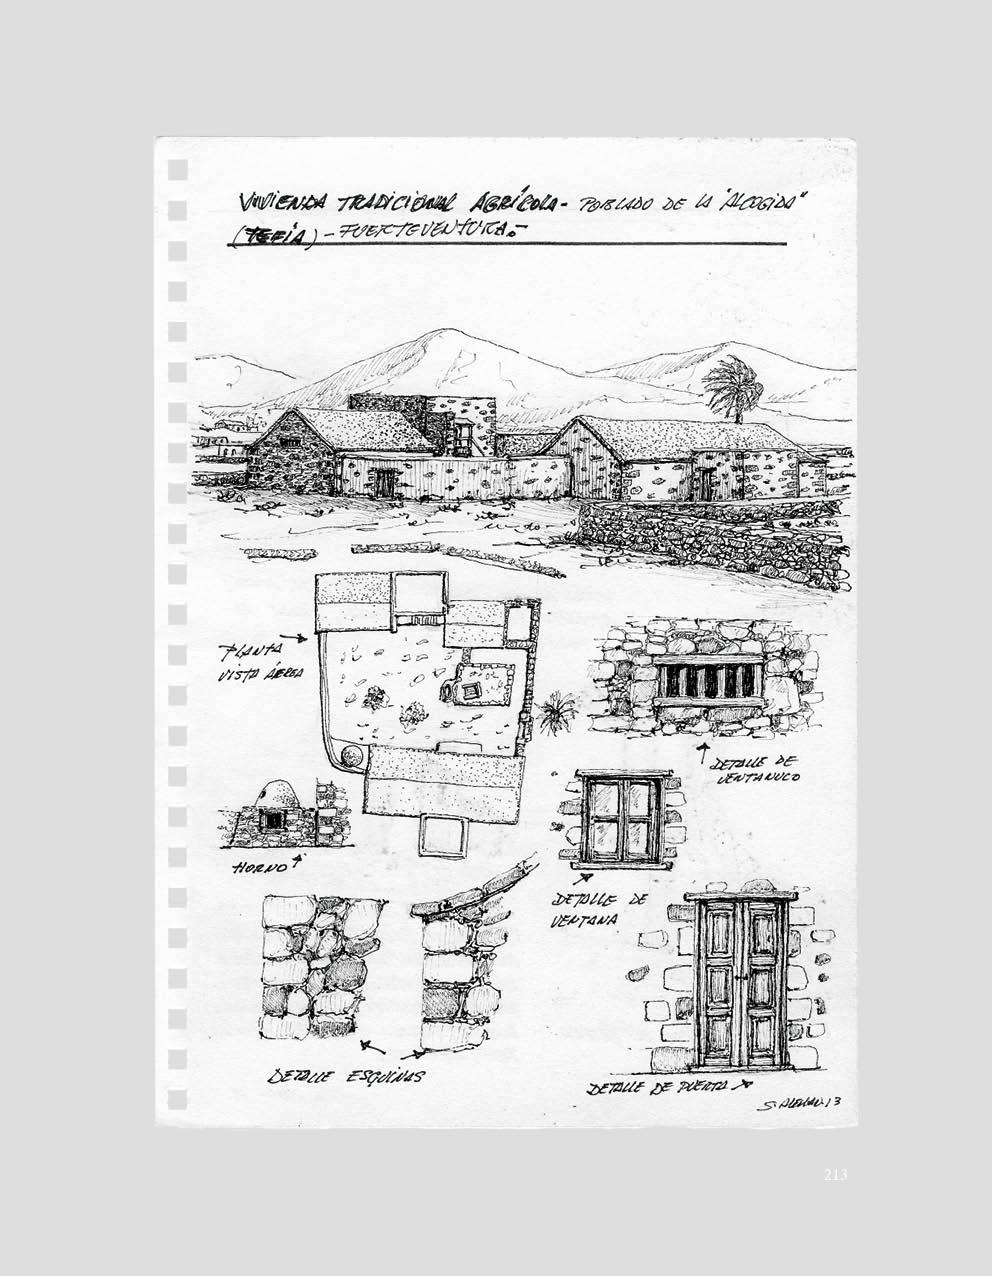 09 Libro S-Aleman 213.jpg